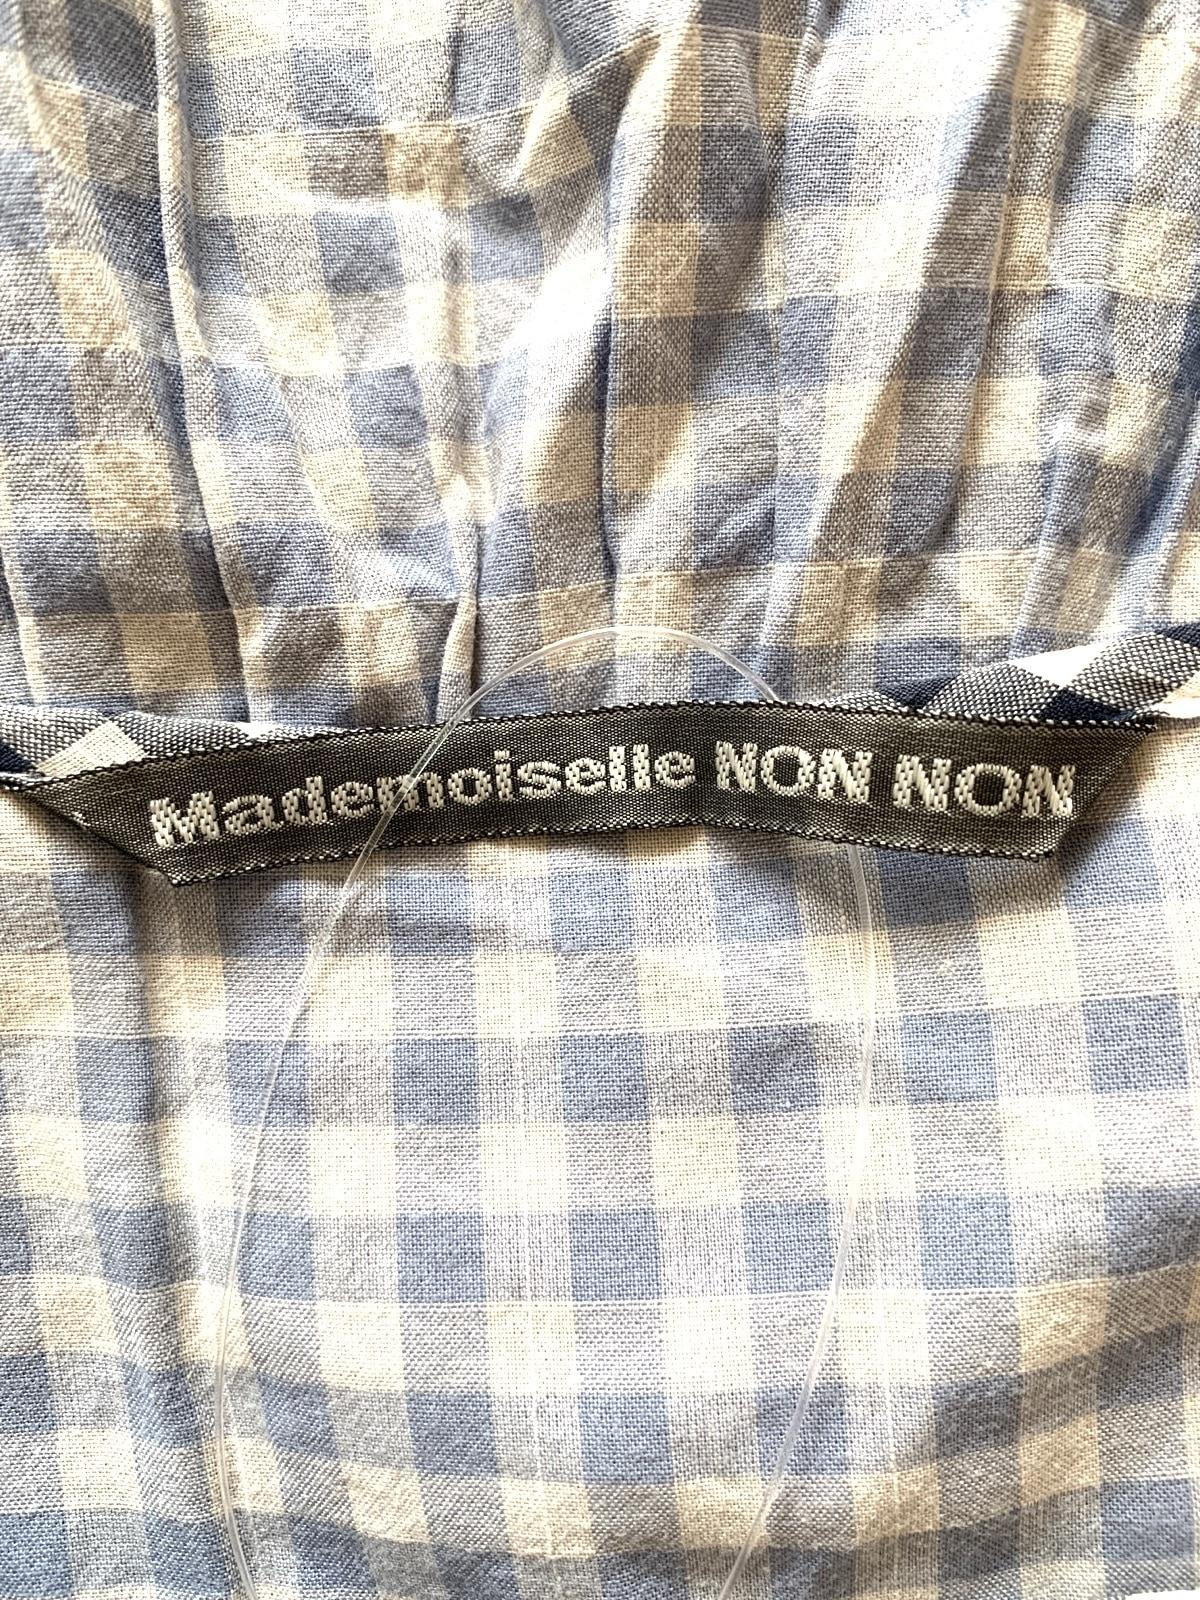 Mademoiselle NON NON(マドモアゼルノンノン)のワンピース